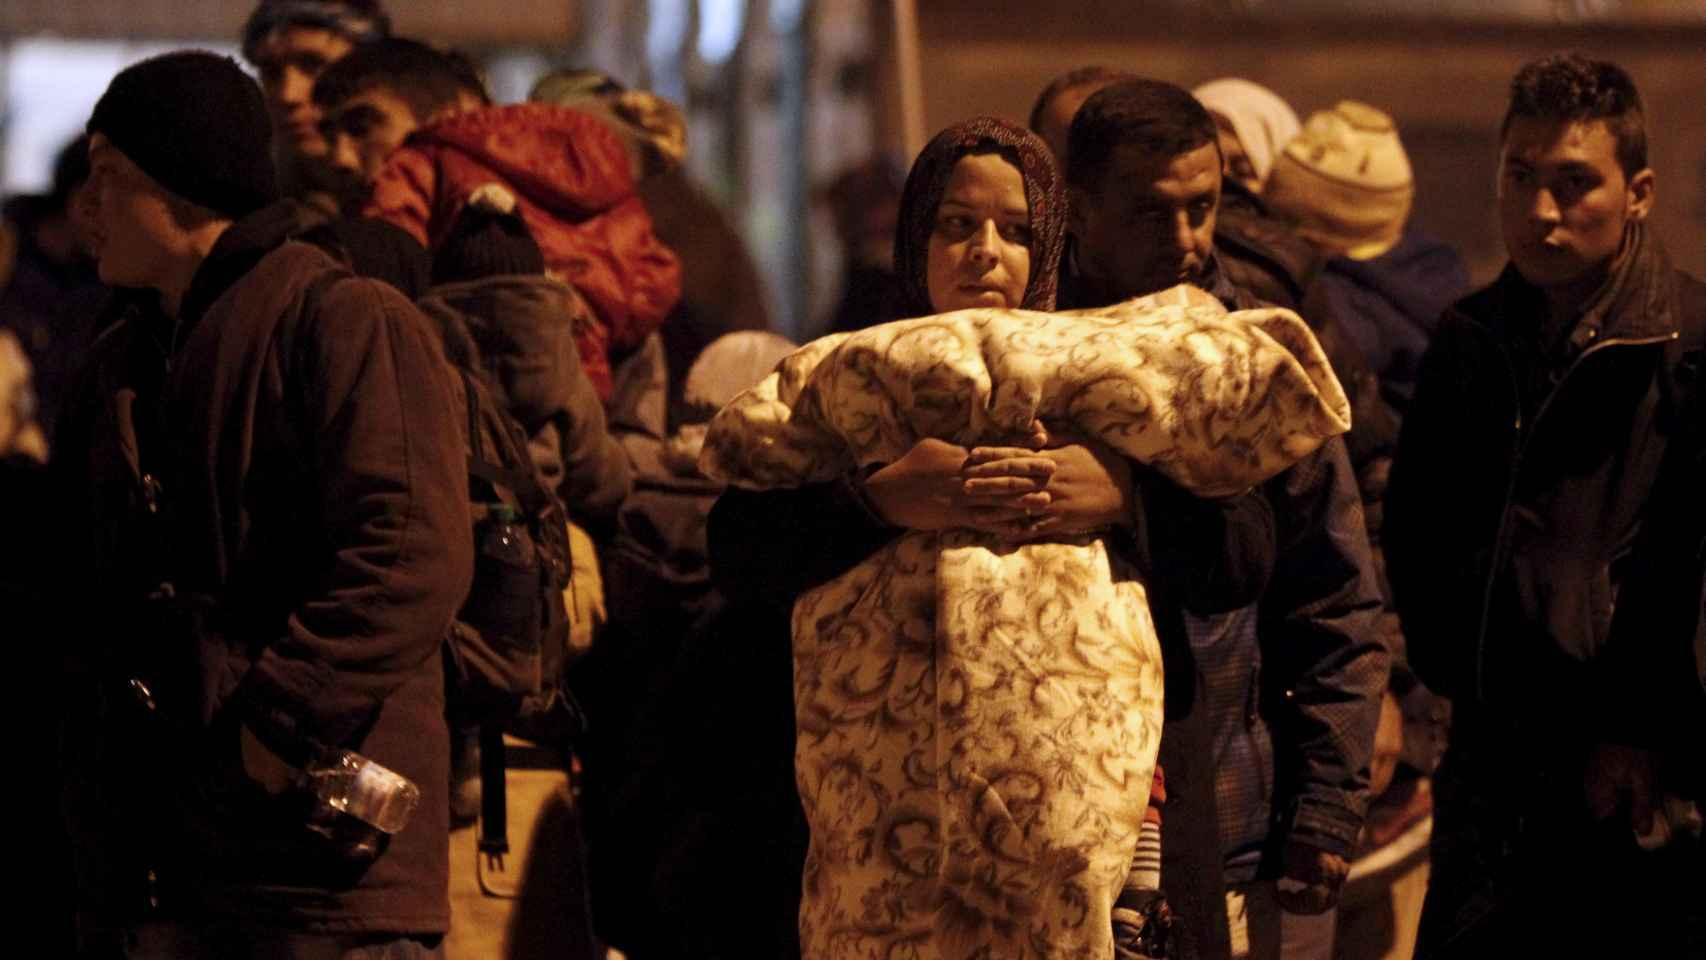 Migrantes esperan su traslado en un campamento de tránsito en Macedonia.